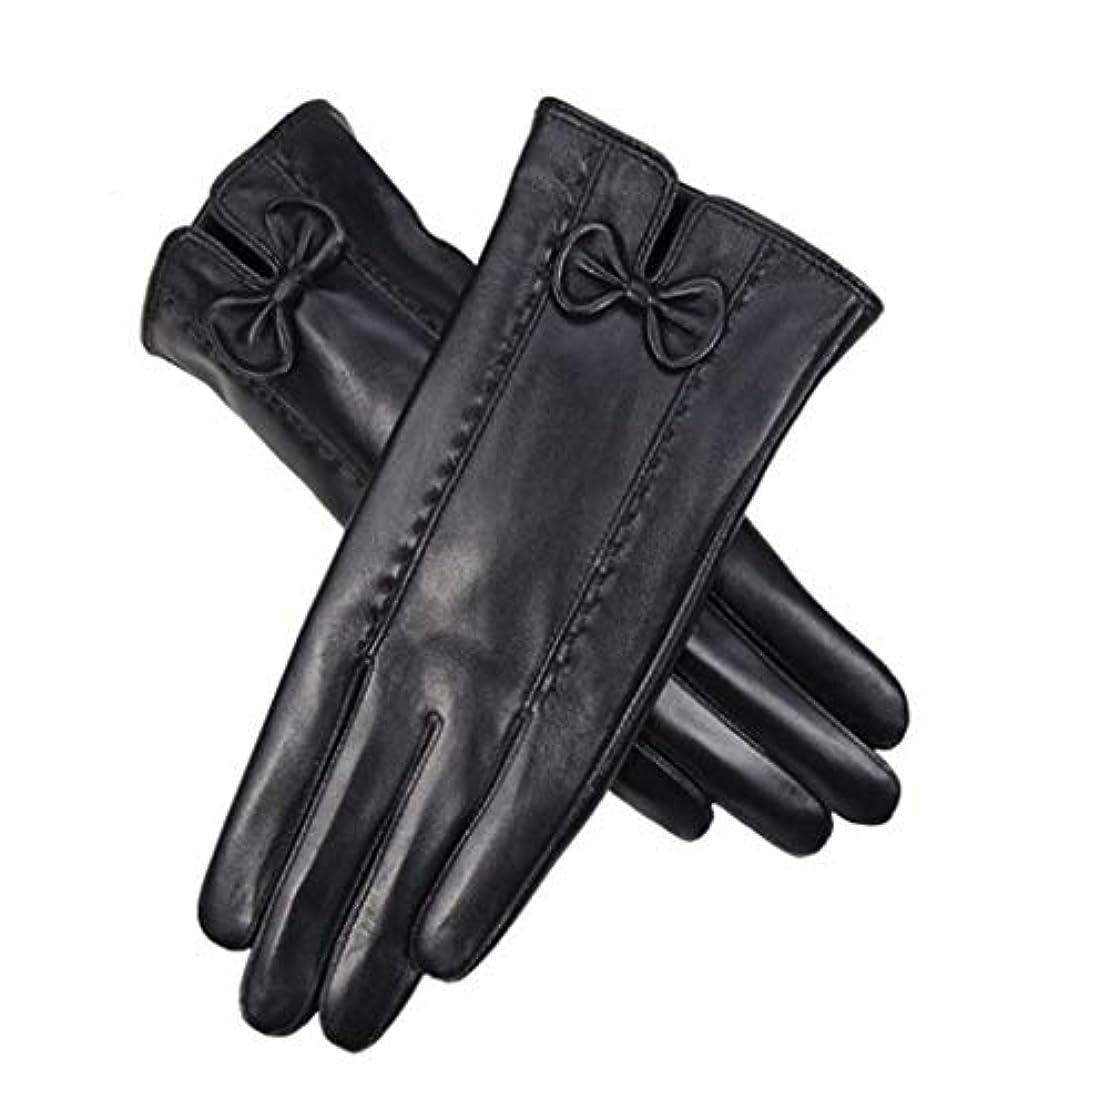 イノセンス借りる公平な女性の綿手袋冬プラス車の屋外サイクリング冷たい女性のタッチスクリーン手袋の厚い暖かい韓国語バージョン